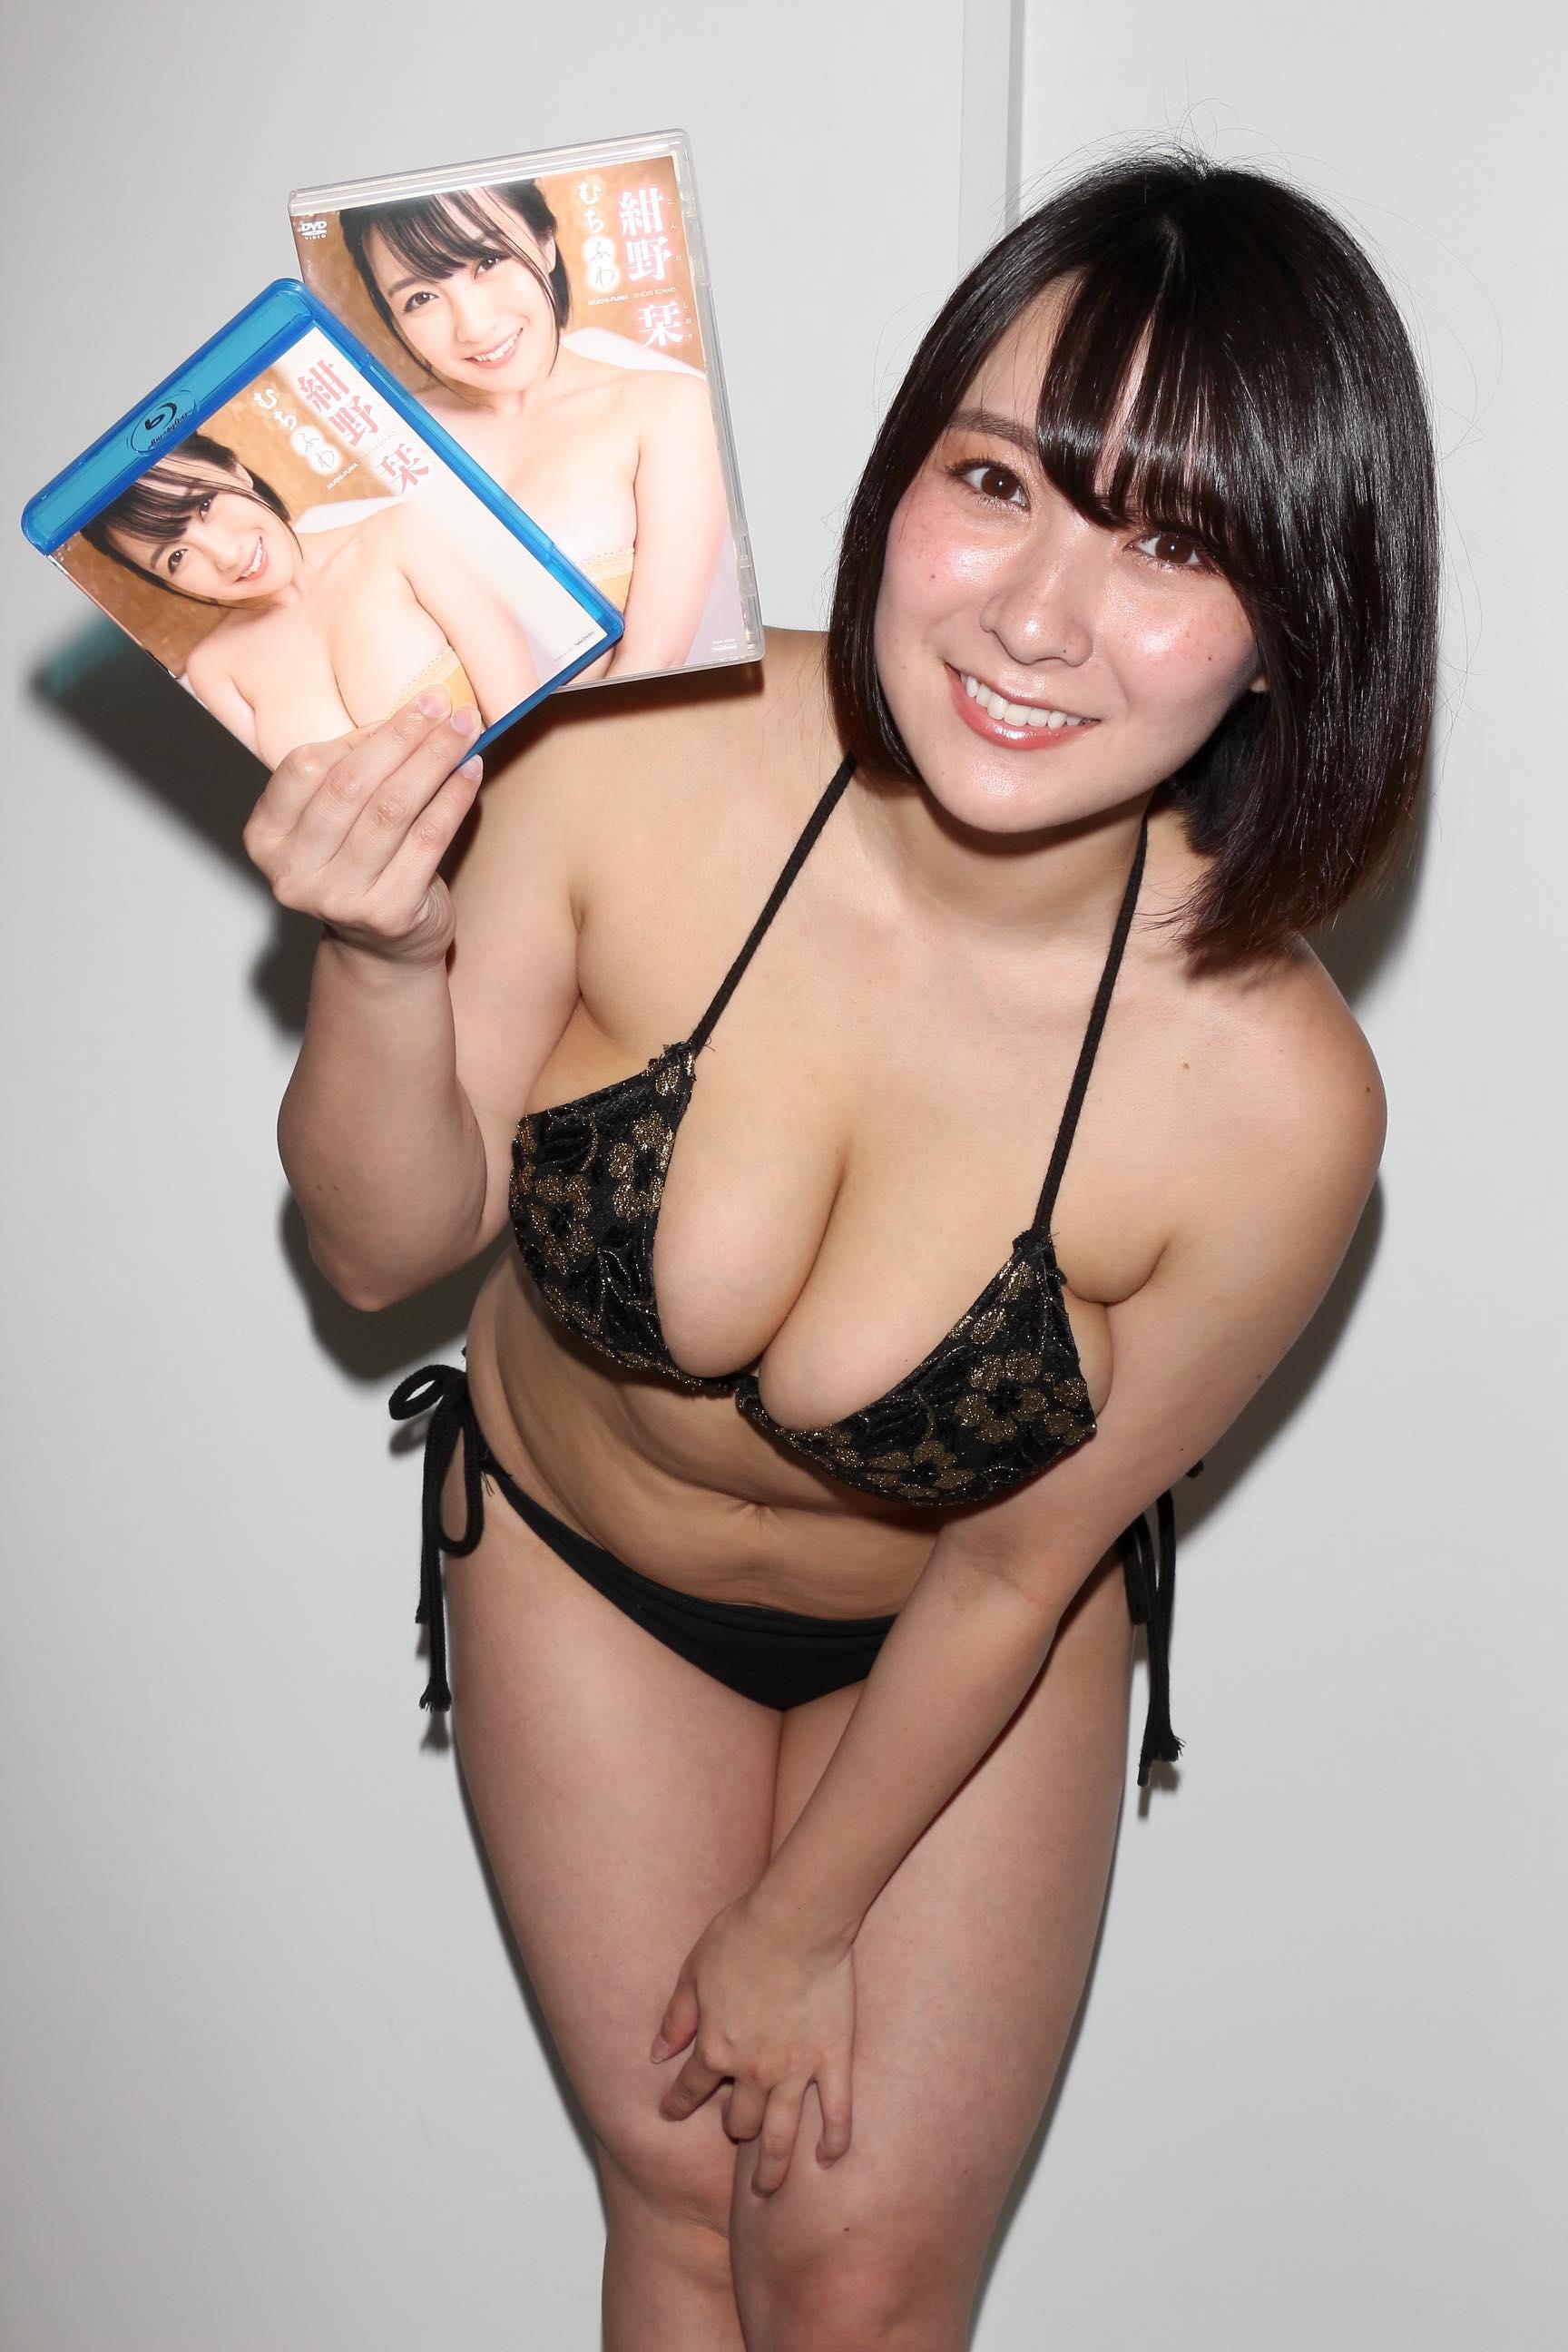 紺野栞「胸が成長しっぱなし」Hカップがキツくなっちゃった【写真28枚】の画像027